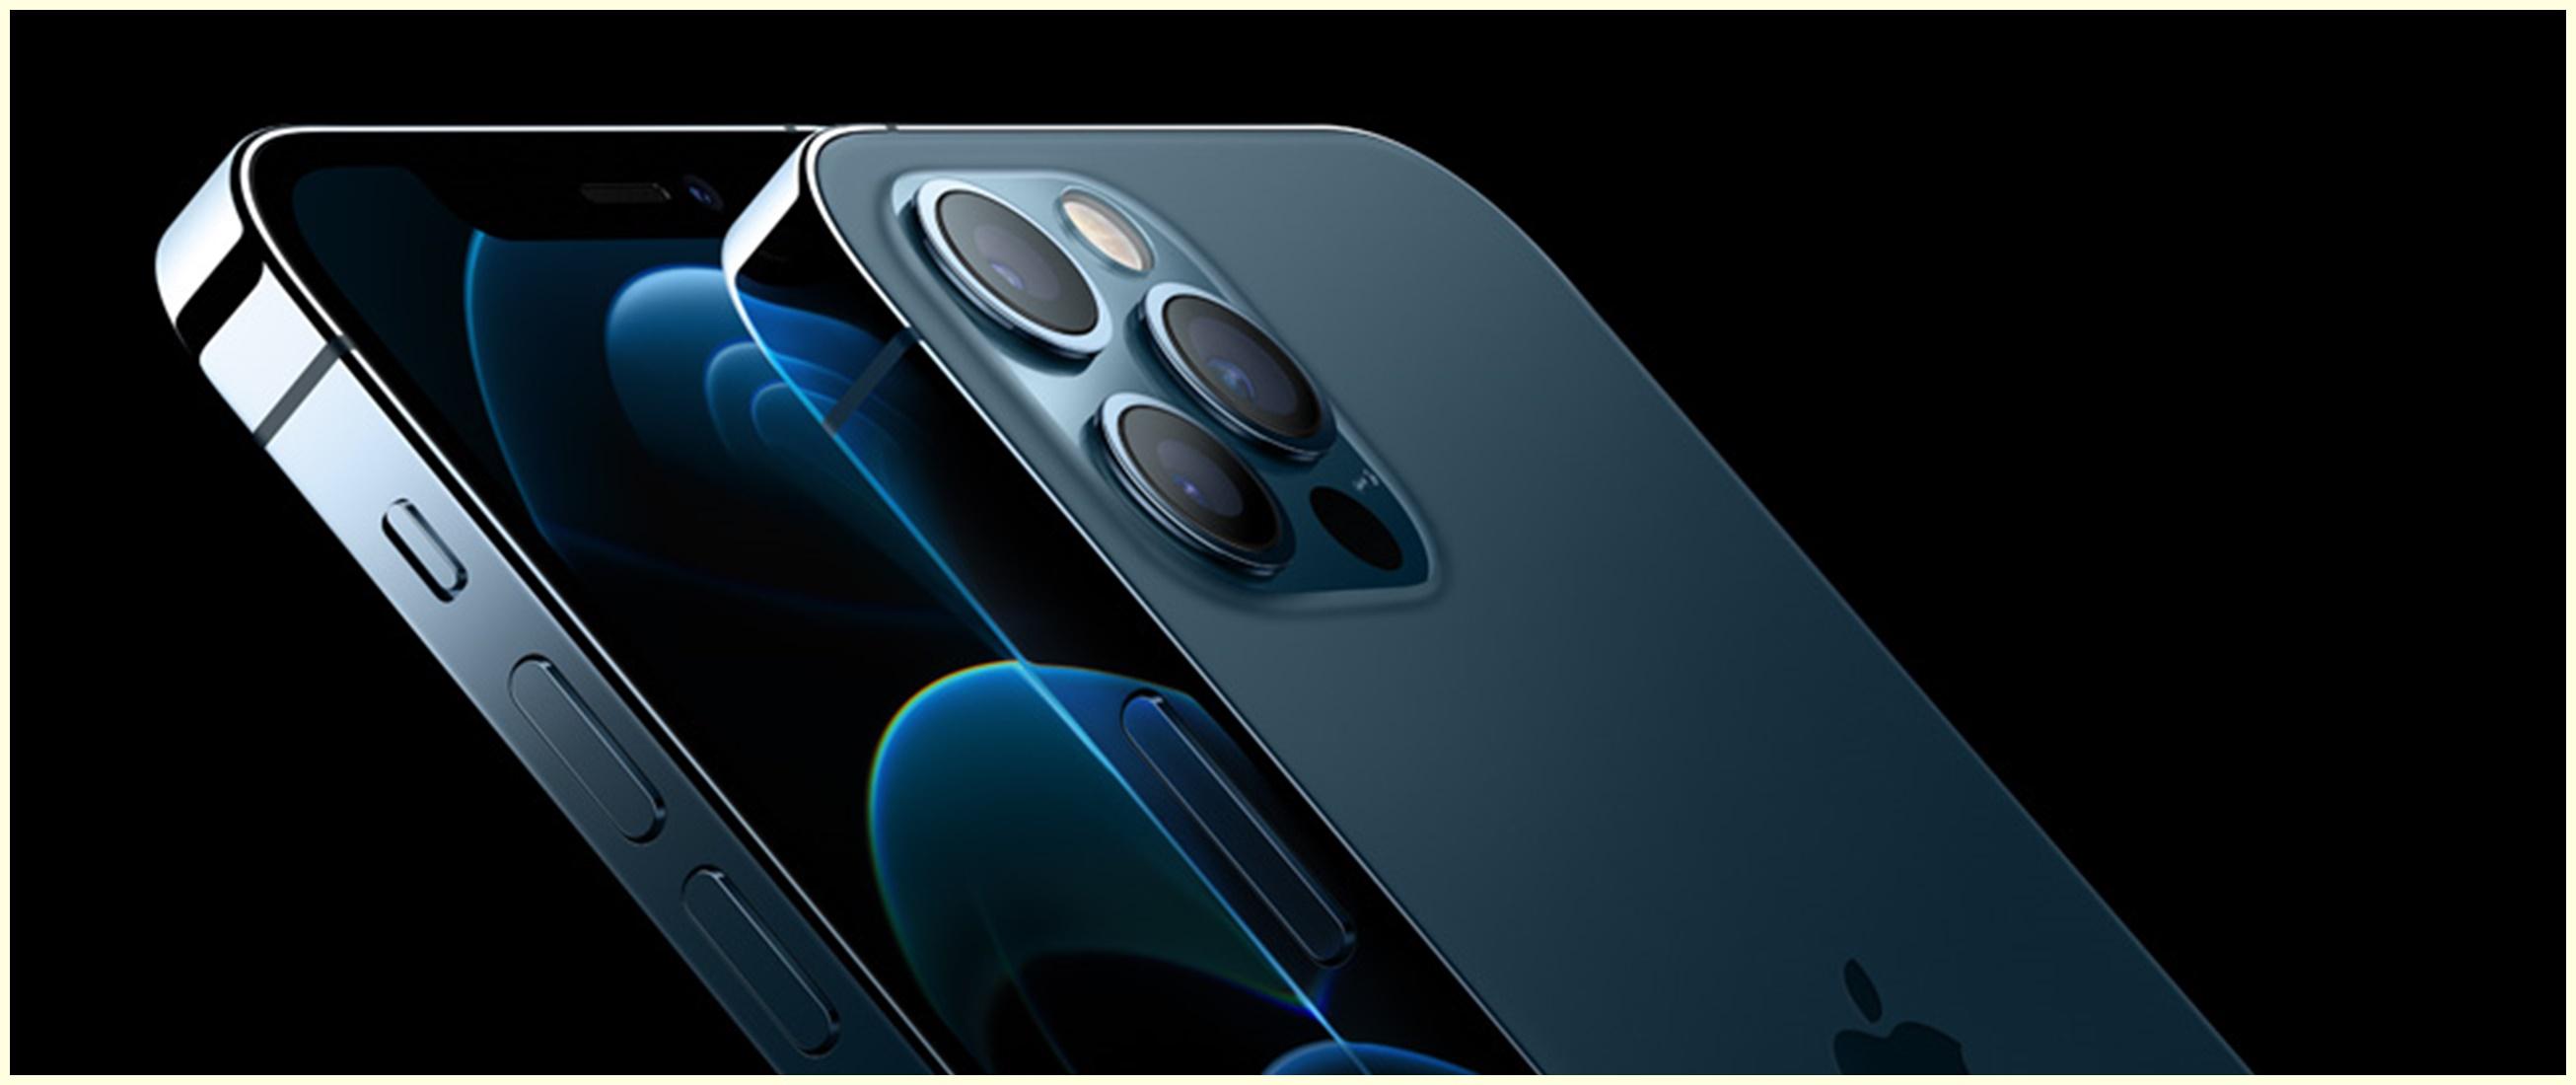 Harga iPhone 12 Pro Max, lengkap dengan kelebihan & kekurangannya